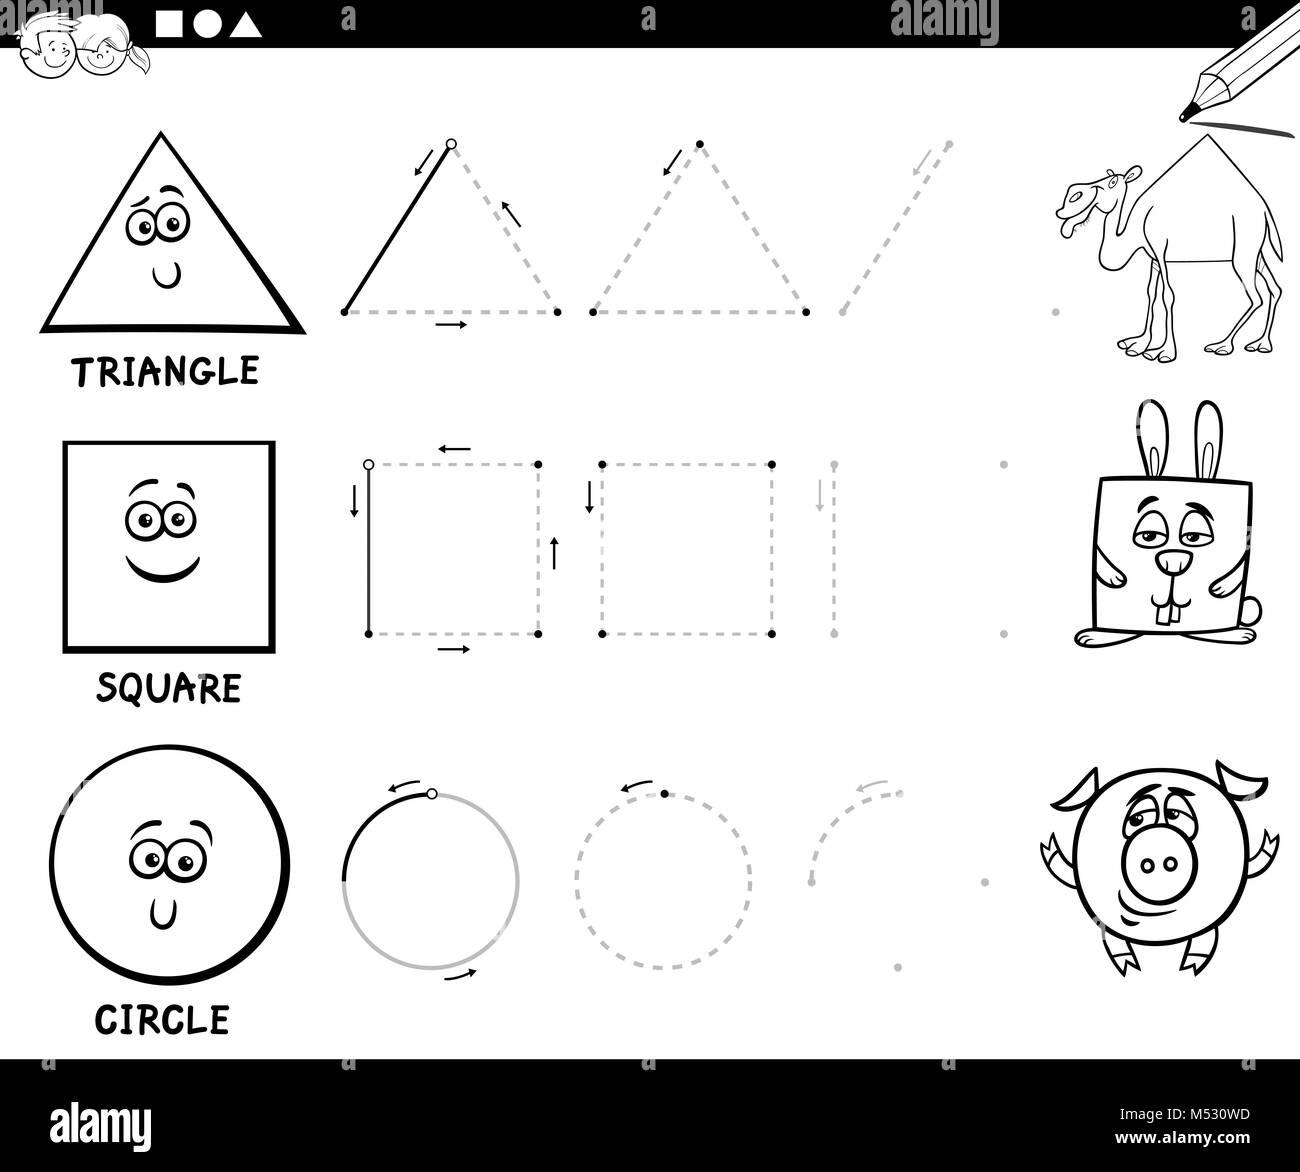 Dibujar Formas Geométricas Básicas Página Para Colorear Foto